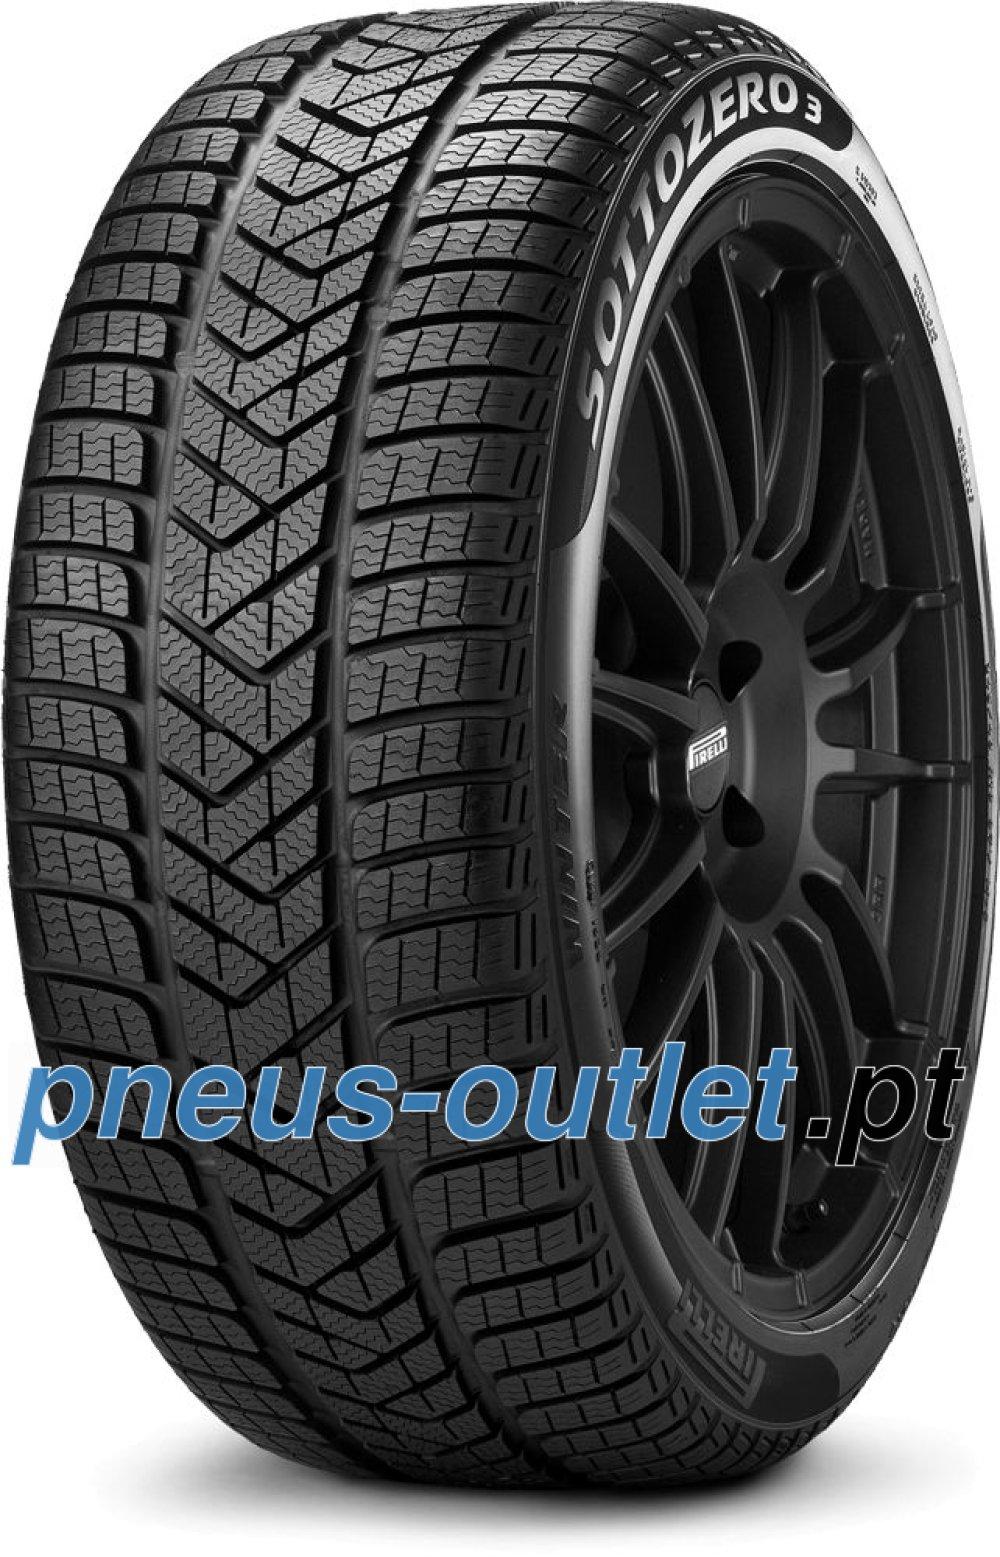 Pirelli Winter SottoZero 3 ( 245/40 R18 97H XL J )